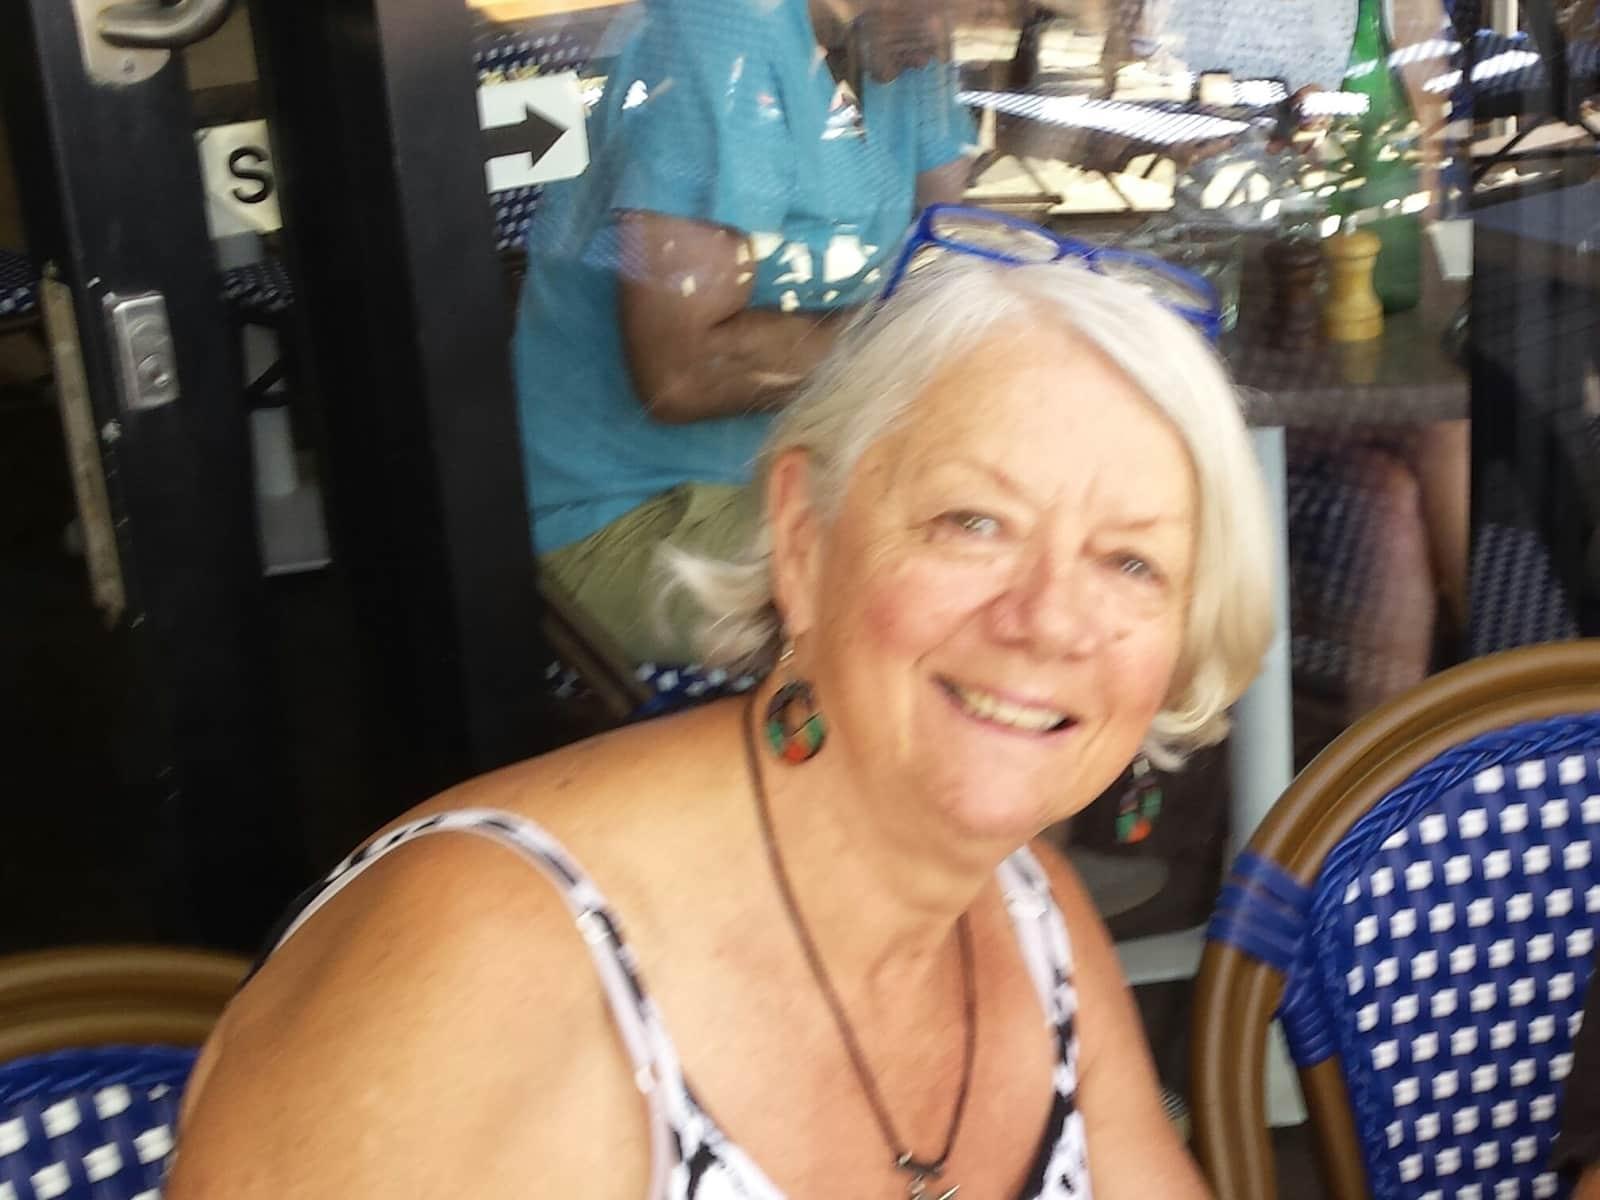 Pam from Jerrawangala, New South Wales, Australia